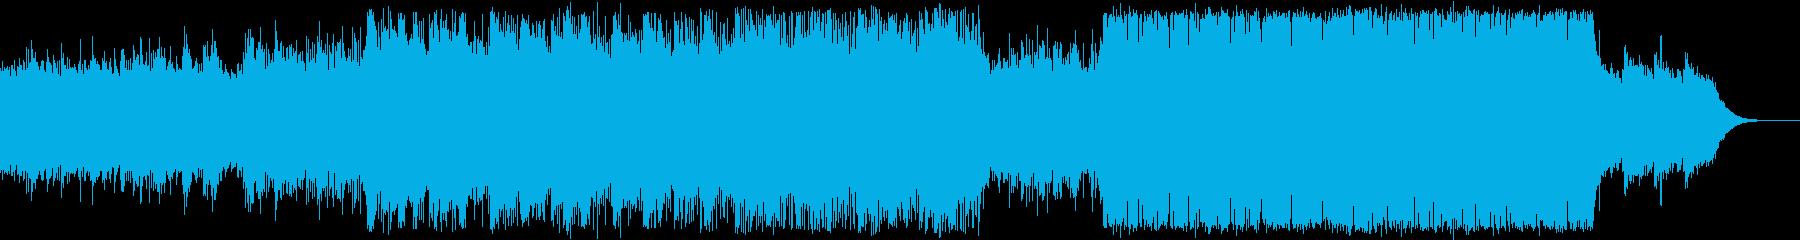 冷たい空気をイメージしたエレクトロの再生済みの波形